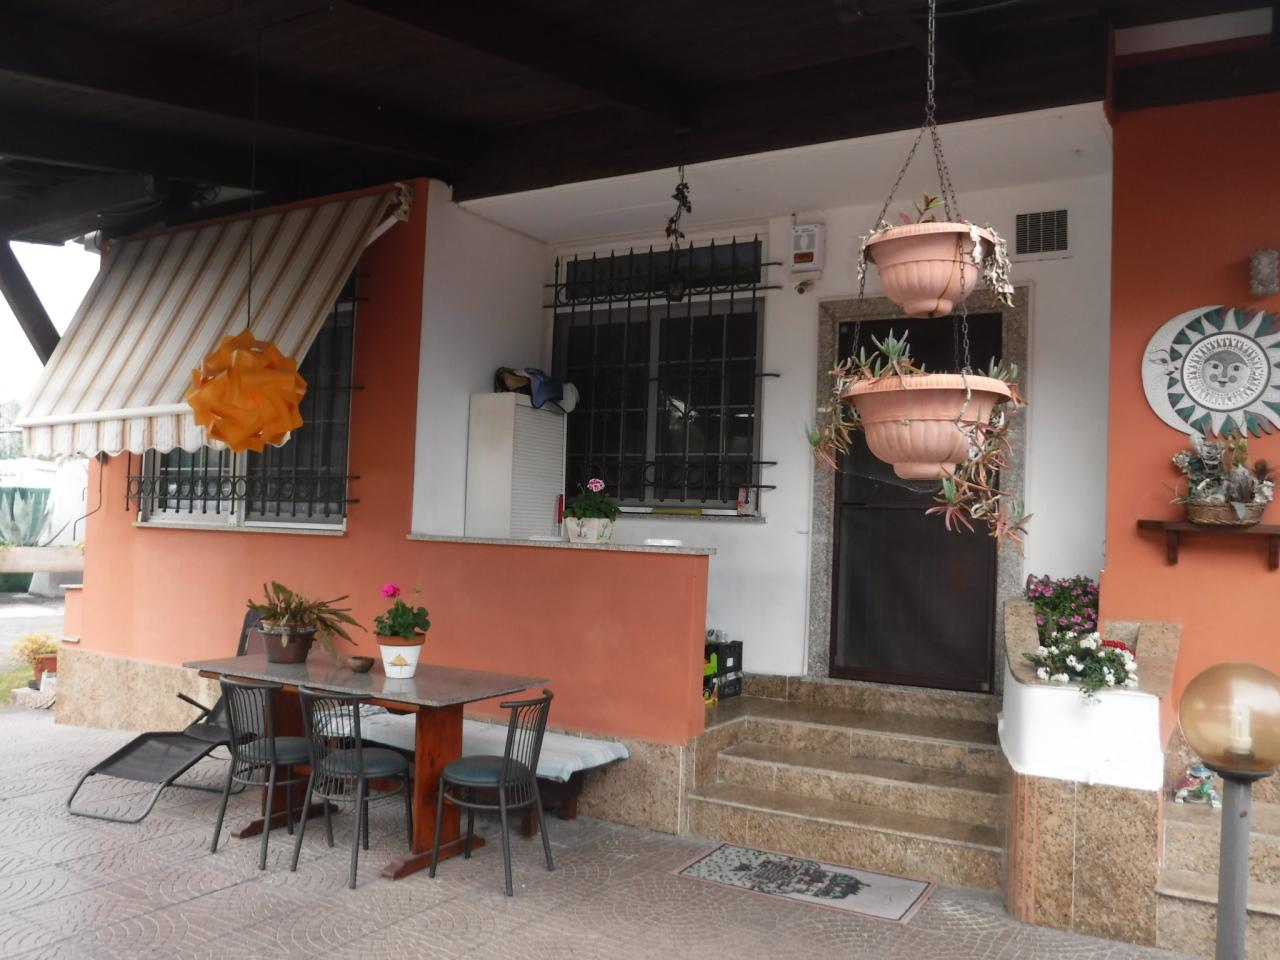 Case - Casa indipendente a Sarzana